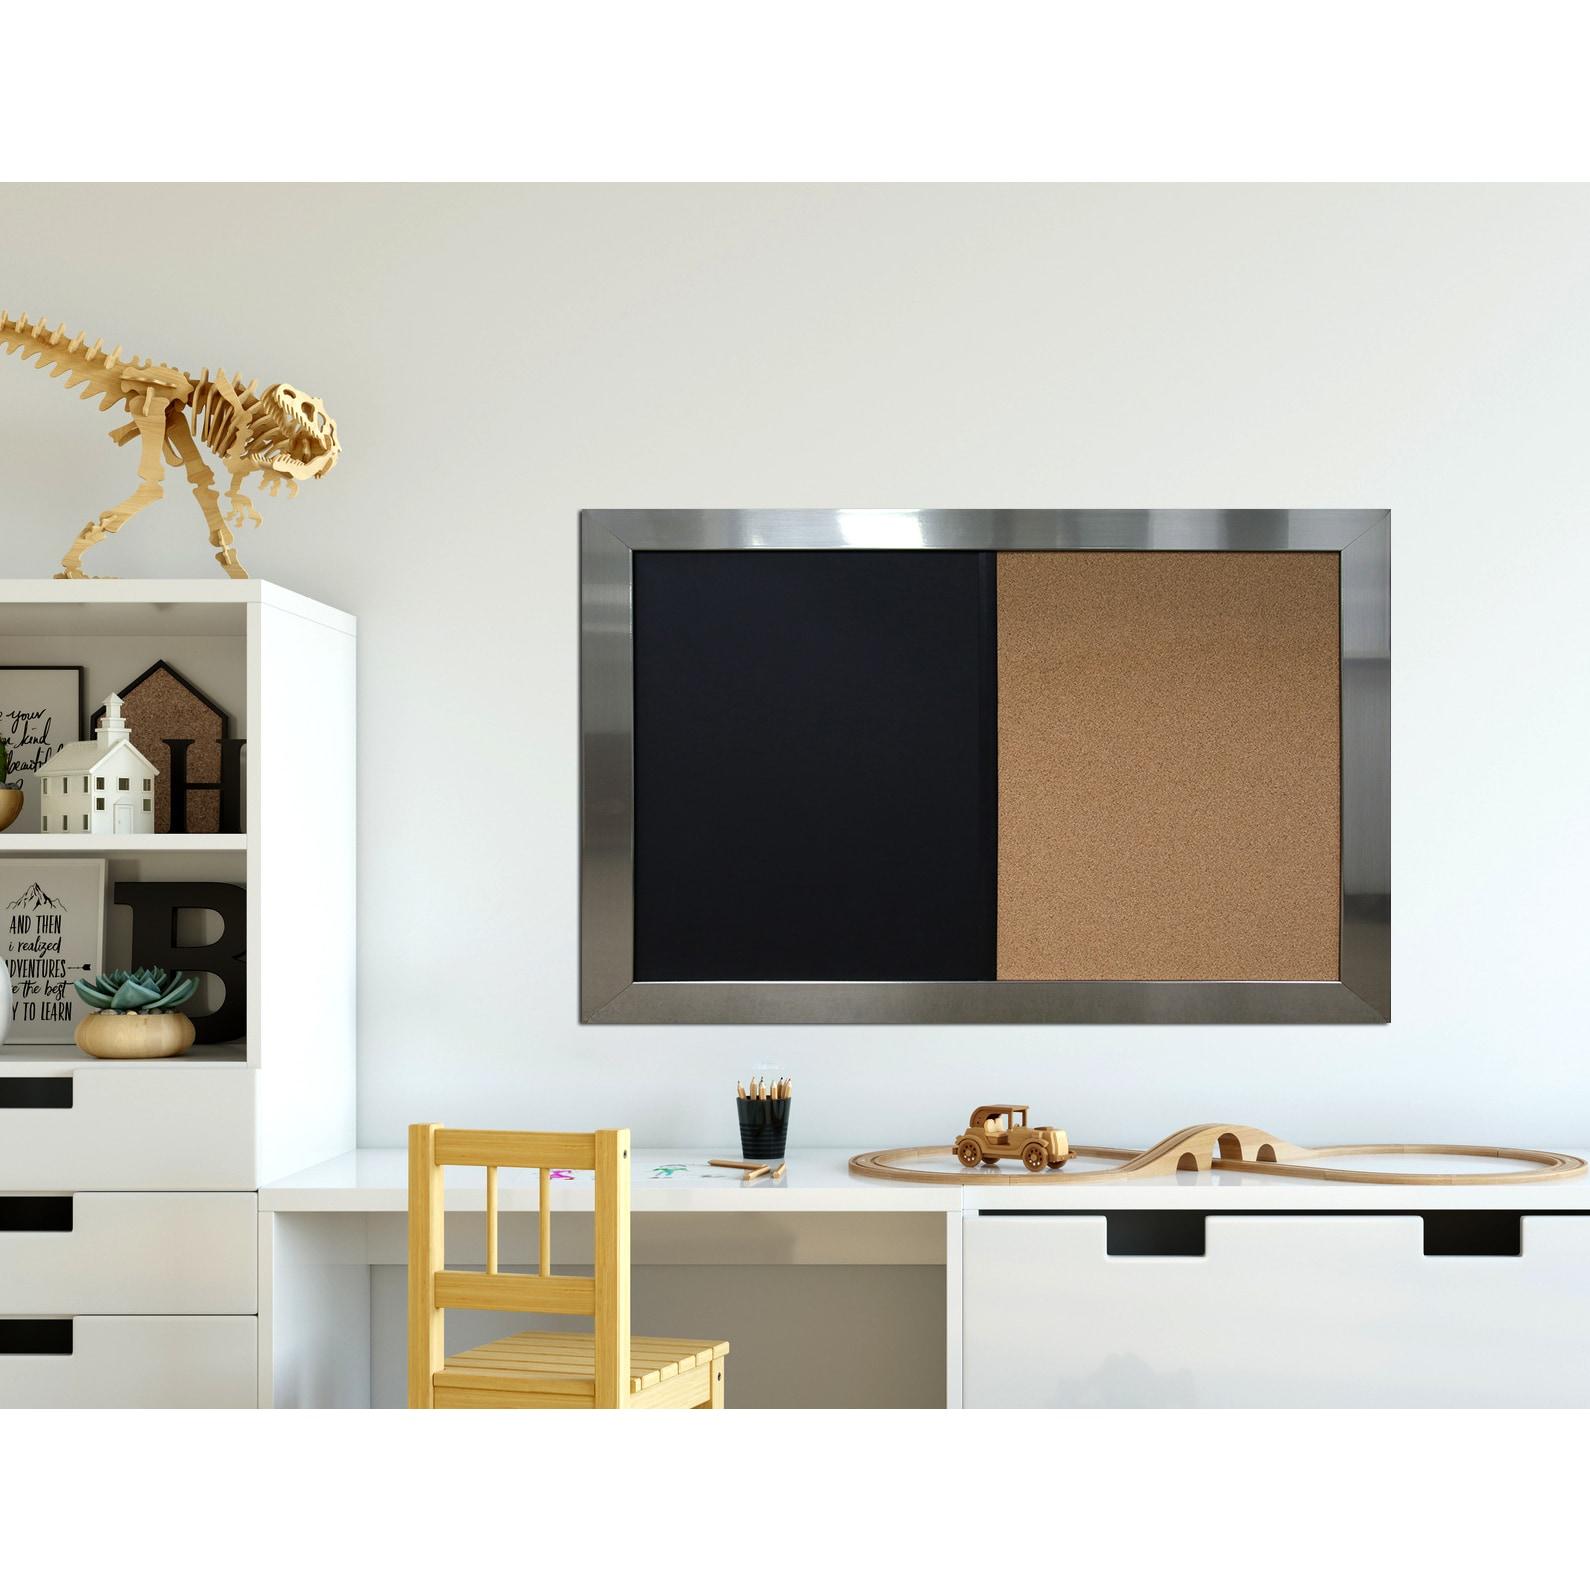 Shop Stainless Steel Framed Chalkboard Corkboard Combo Ready to Hang ...